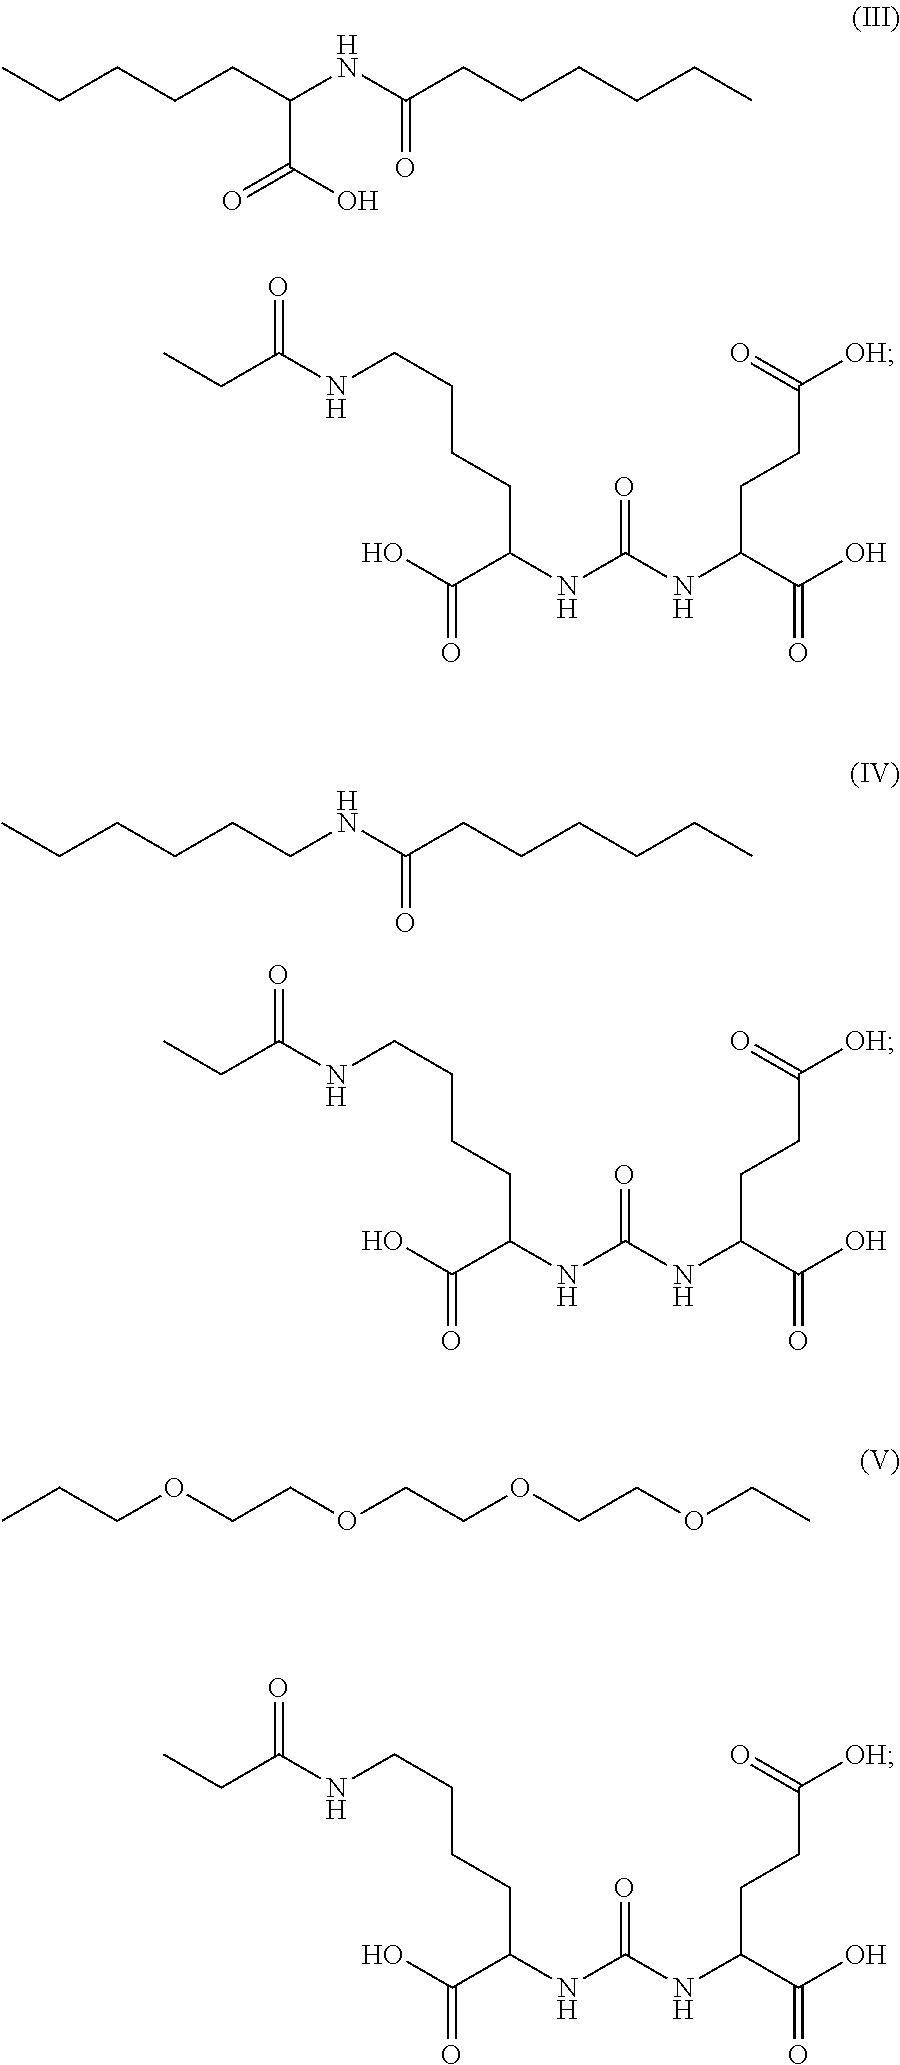 Figure US09884132-20180206-C00015